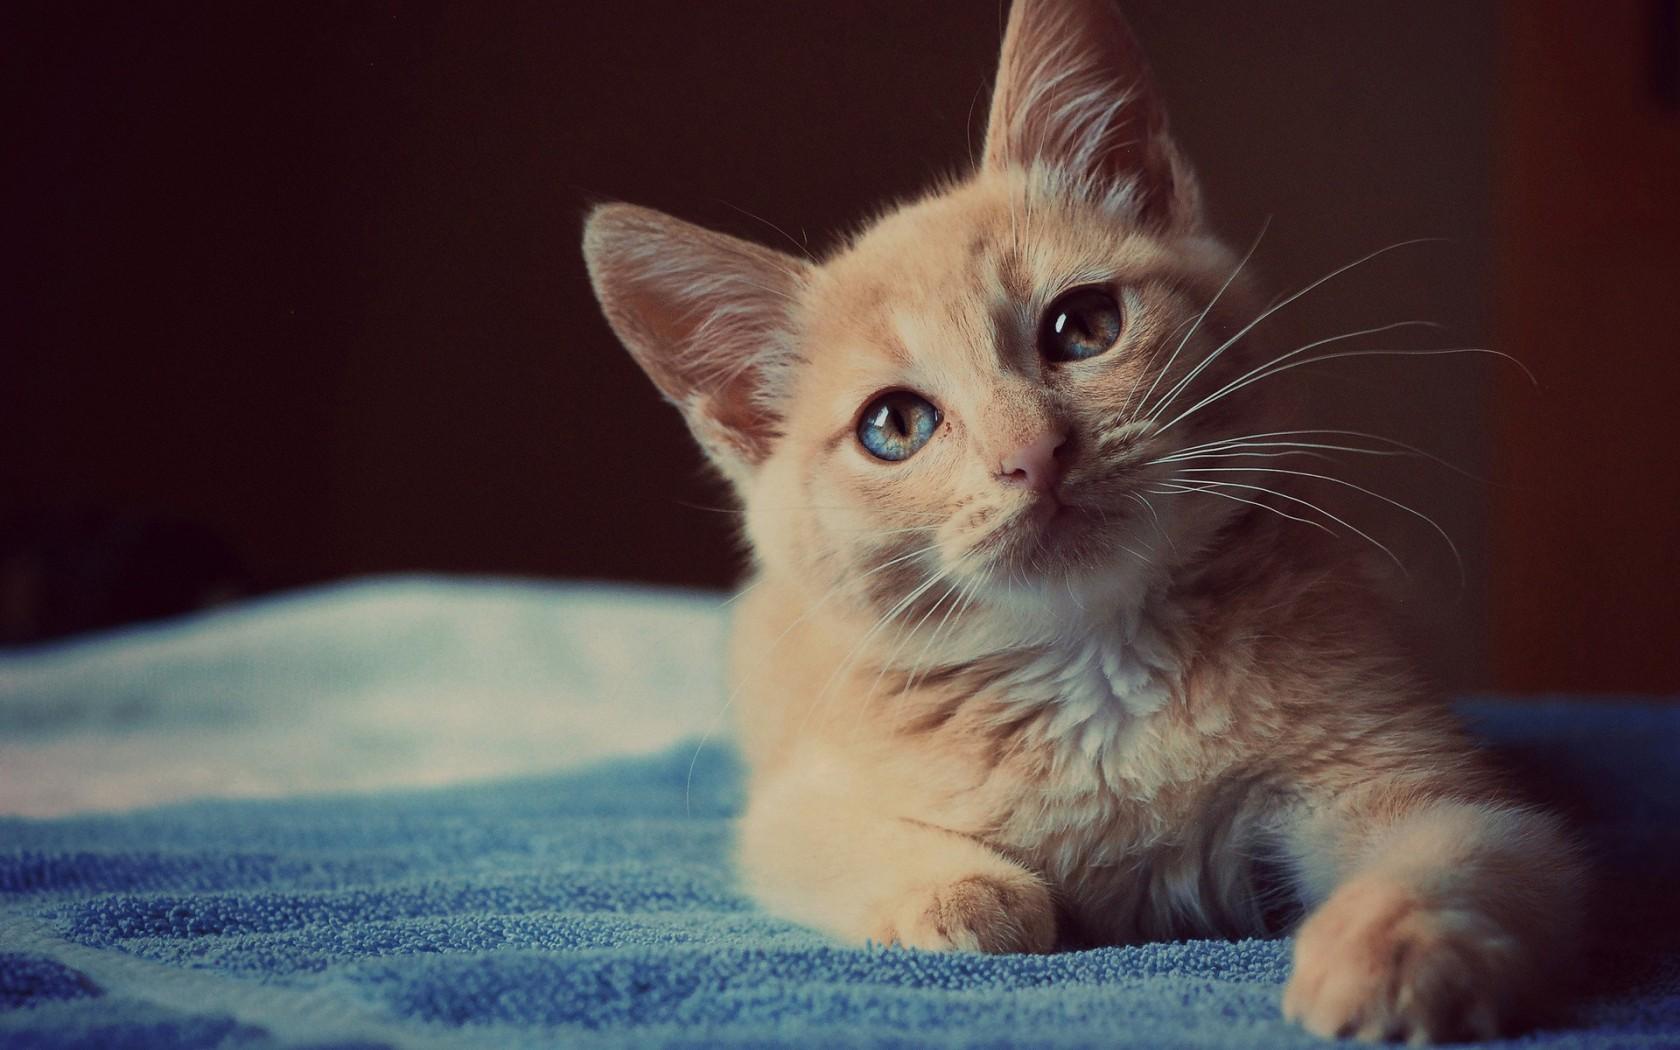 我完全不知道动物的猫怎么画.orz 就随便画画.真的.瞎眼.